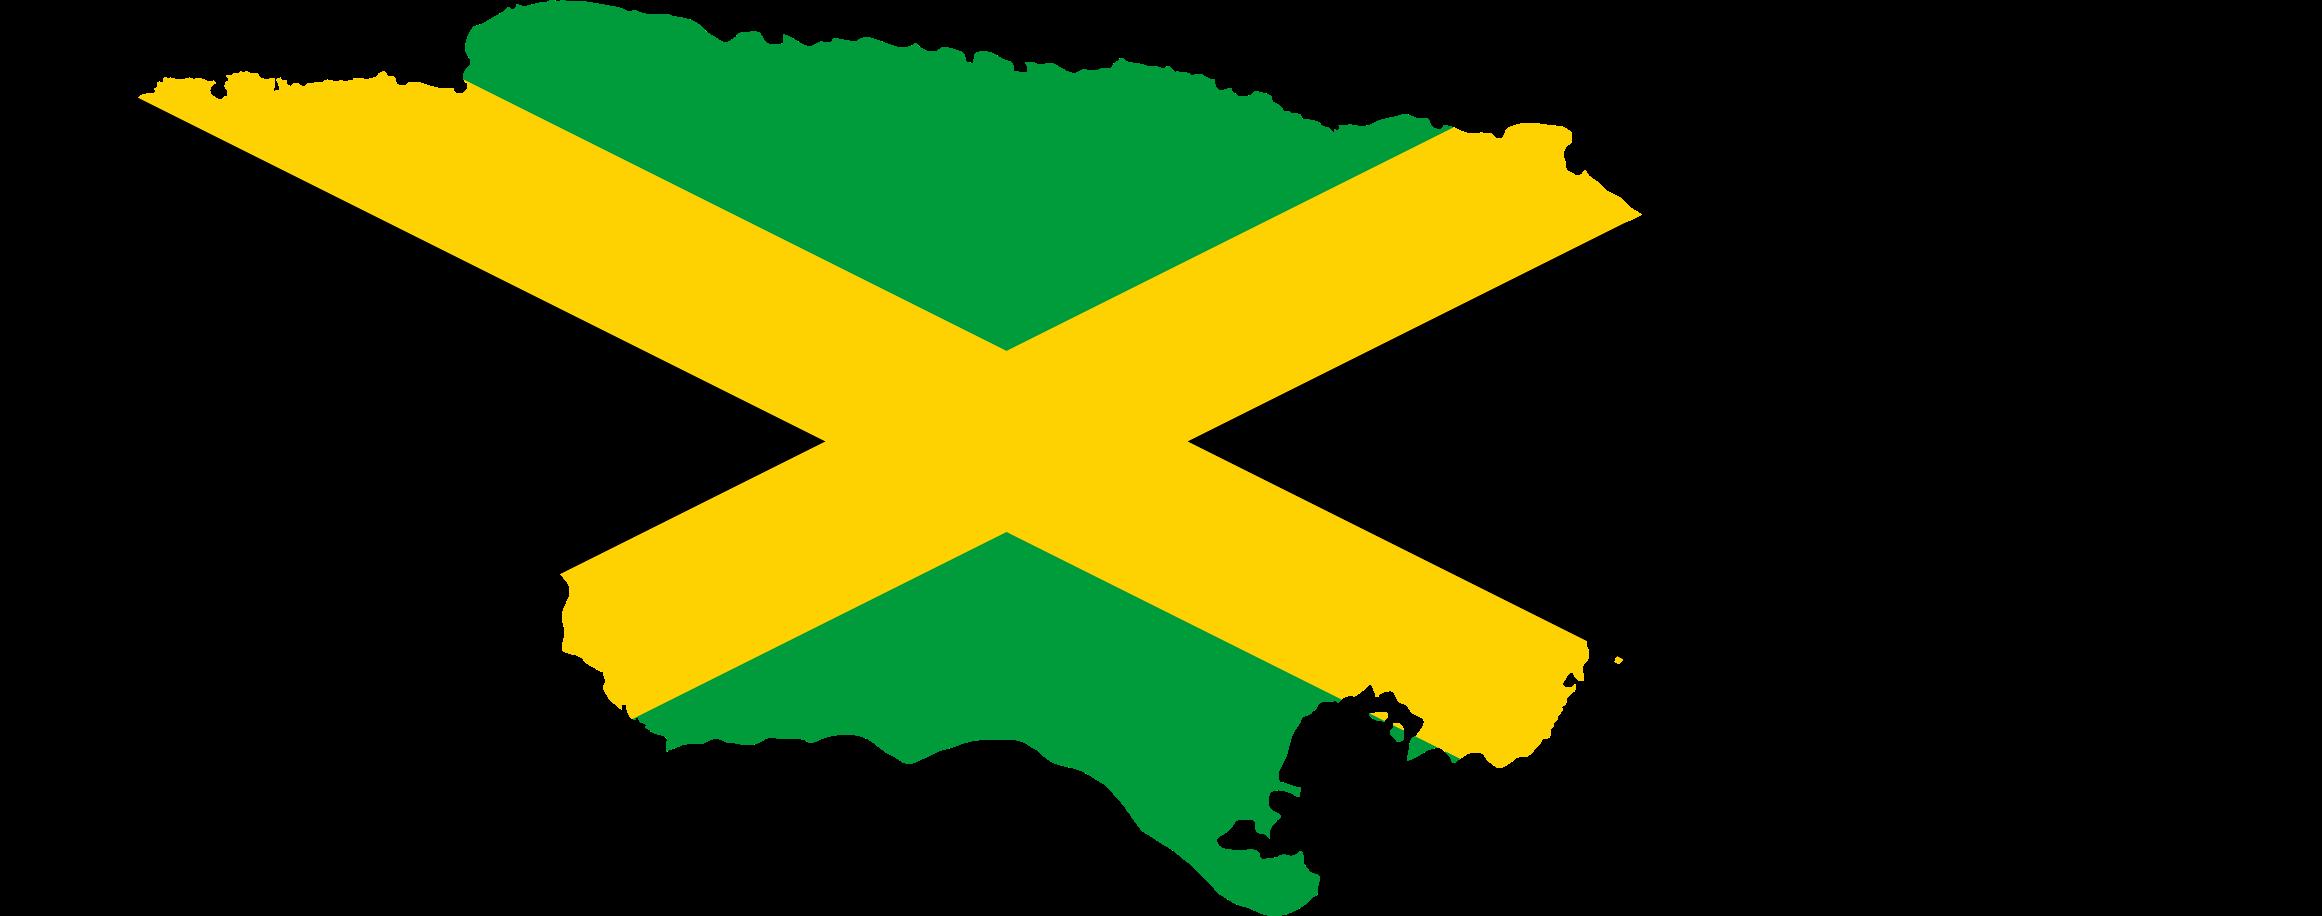 Jamaica Clipart.